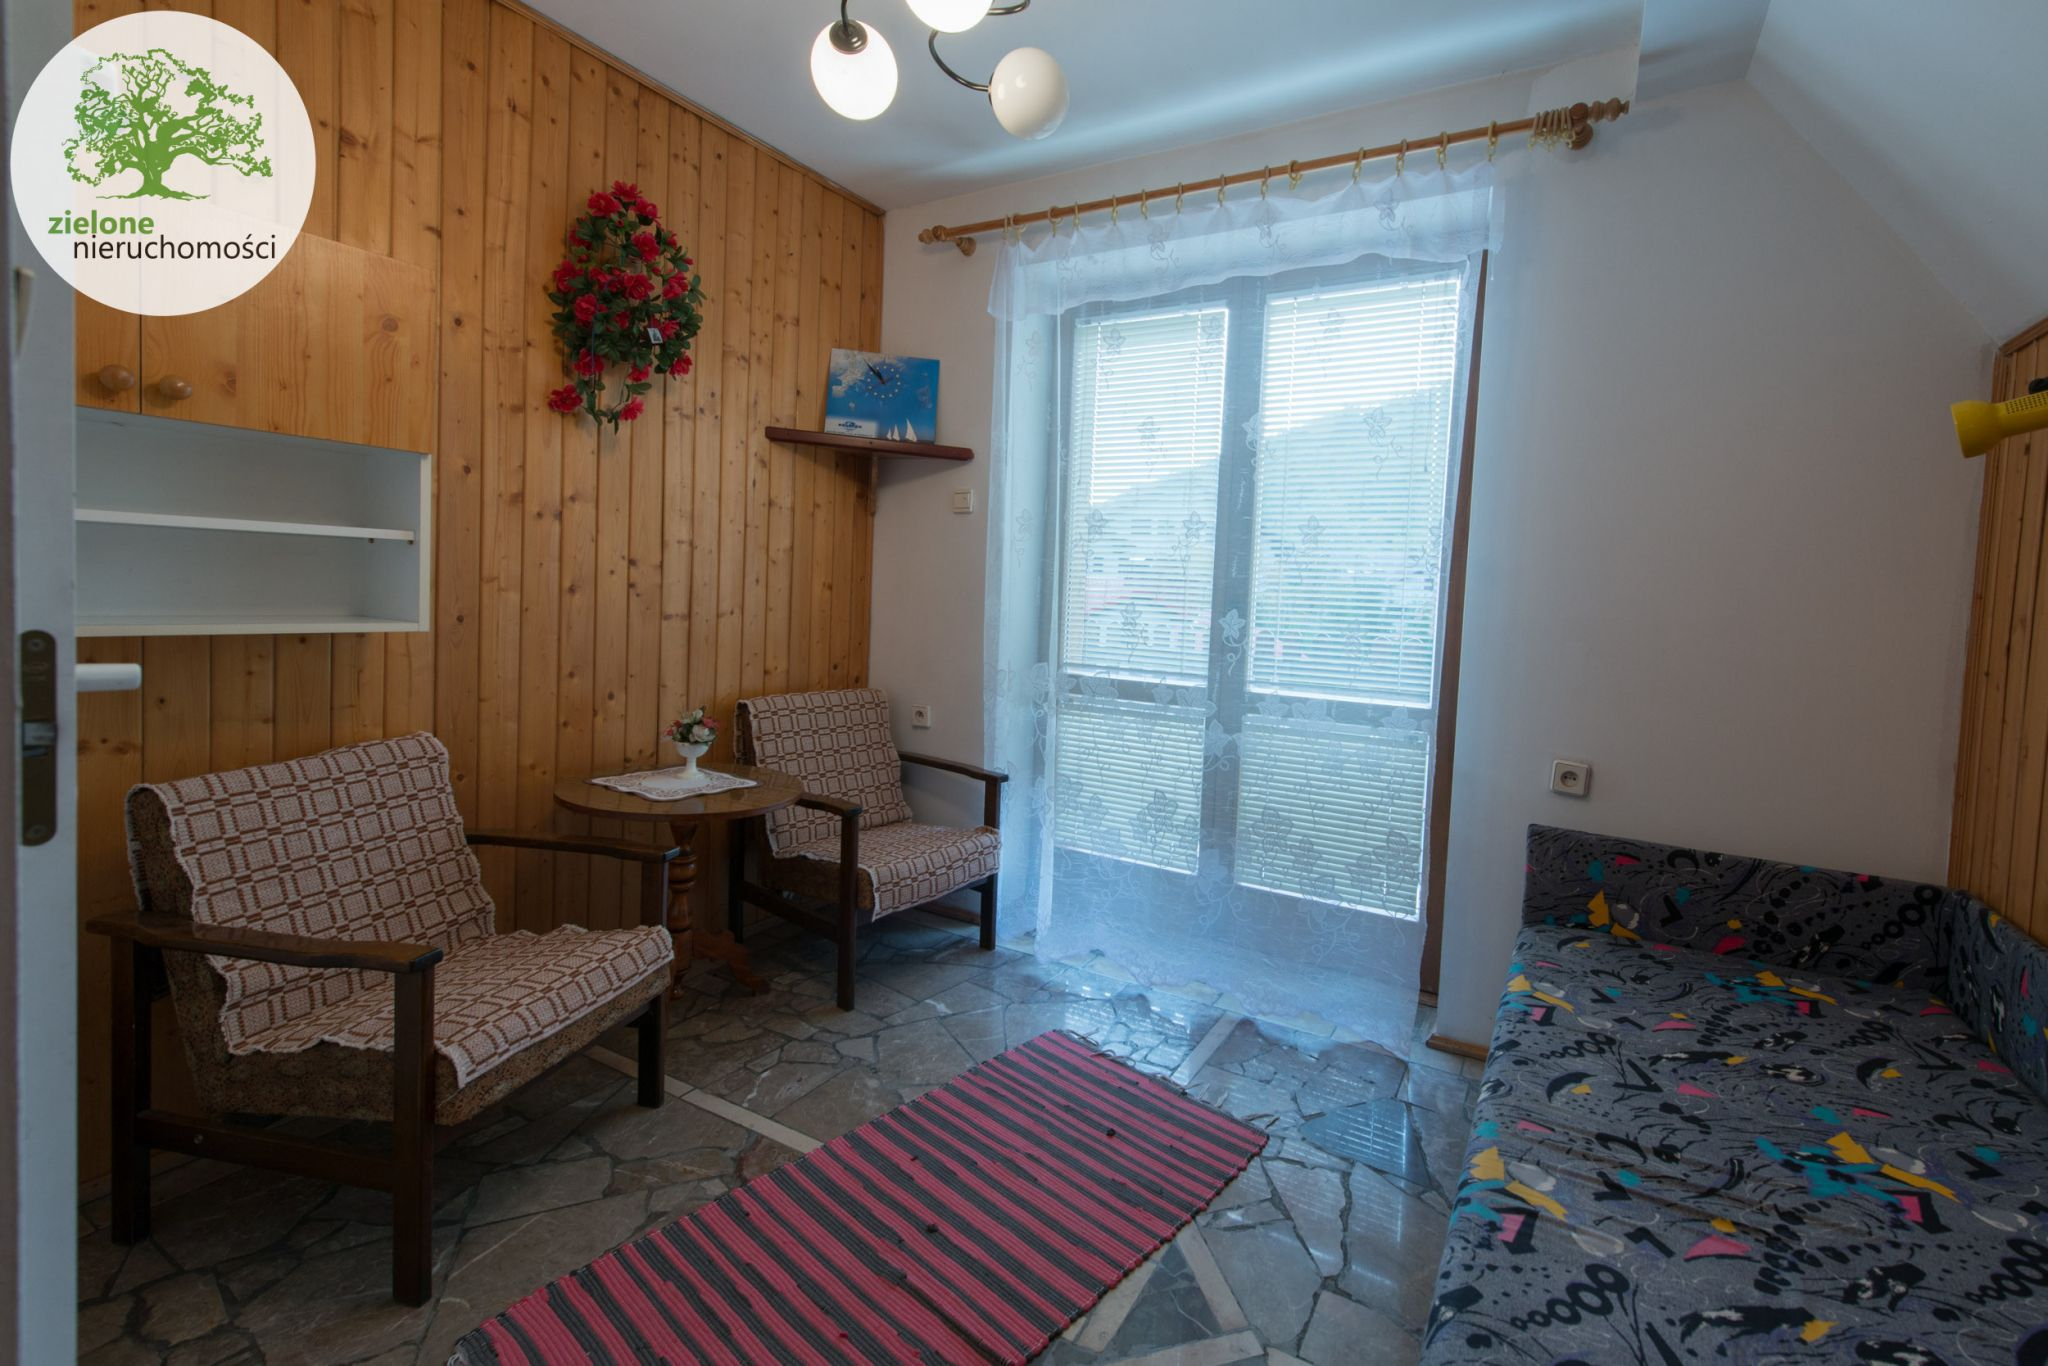 Zdjęcie 9Dom, pensjonat w Szczyrku